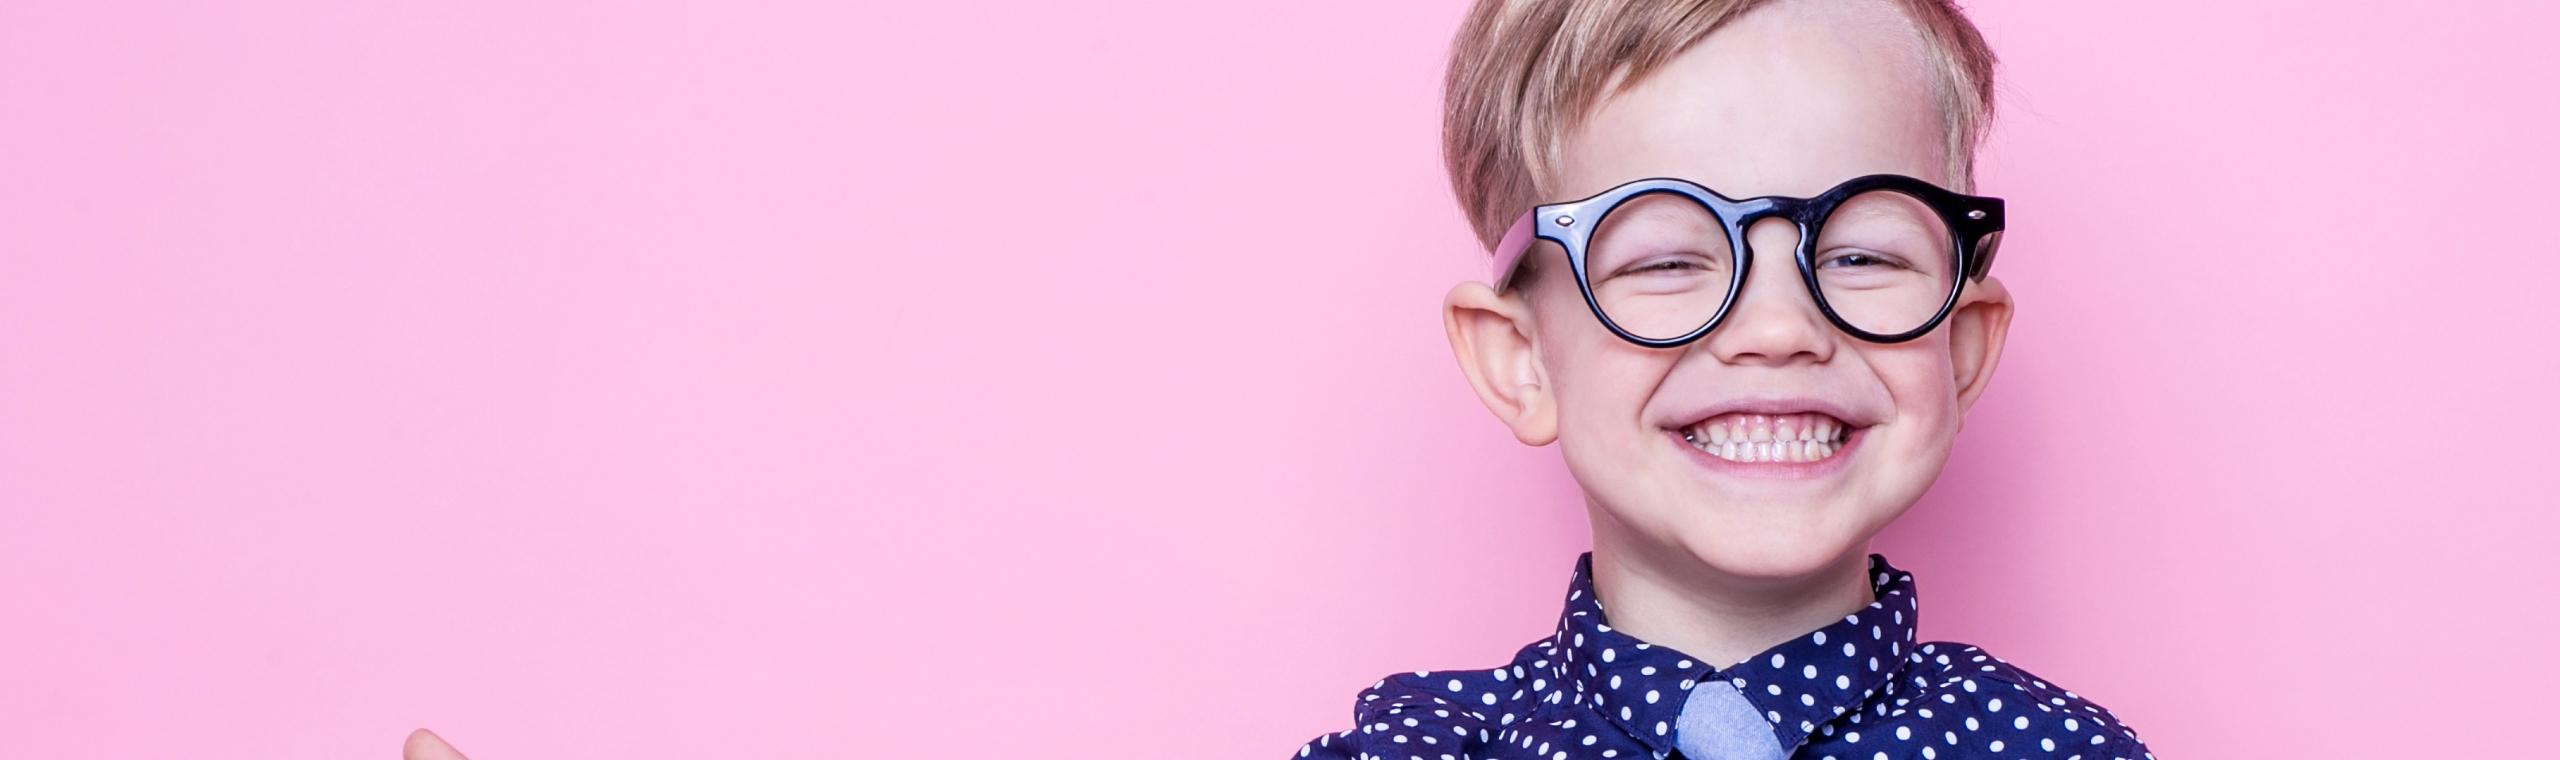 Kinderbrillen müssen passen!